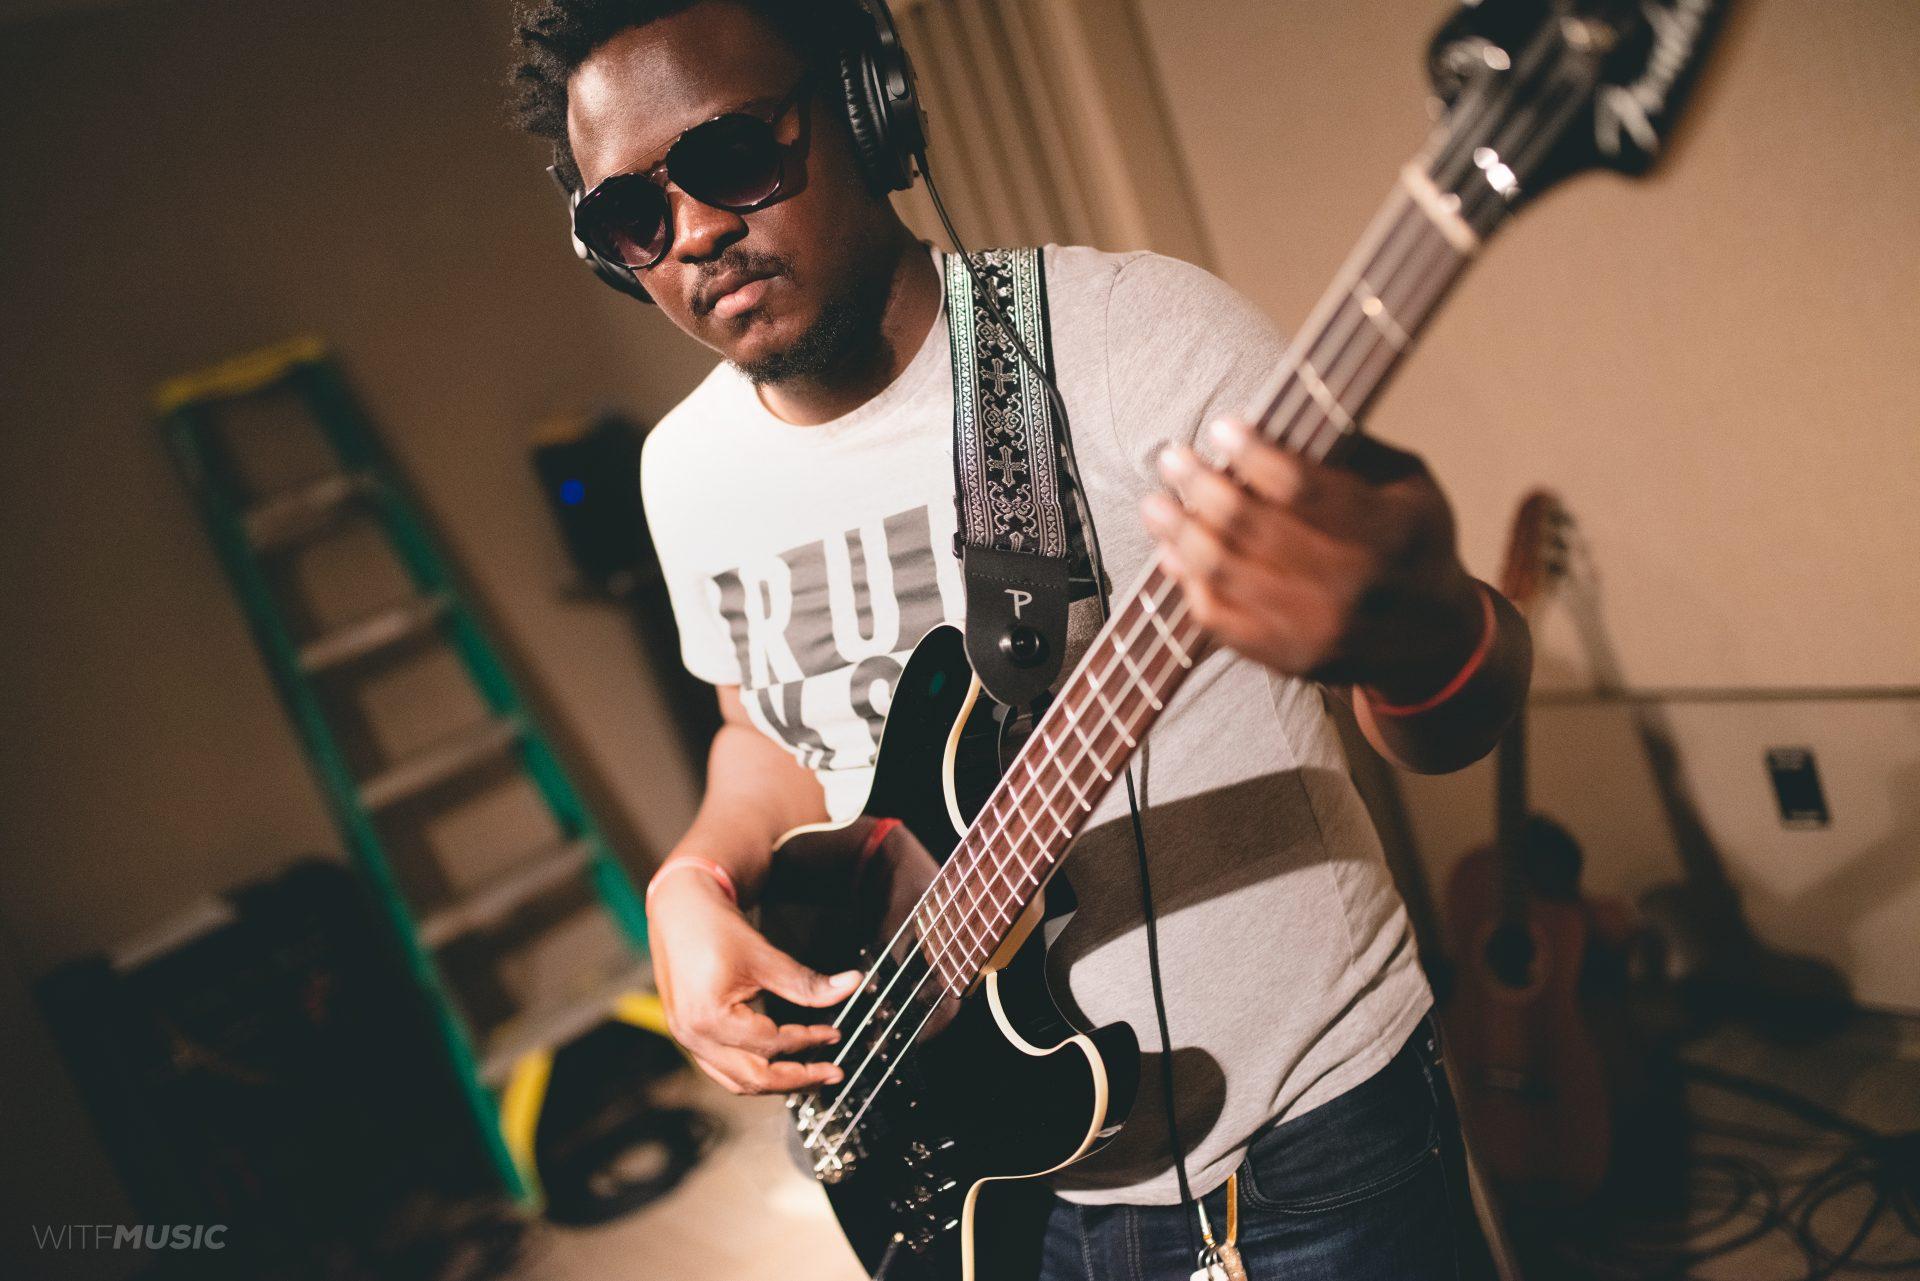 Emmaneul Nsingani playing bass.